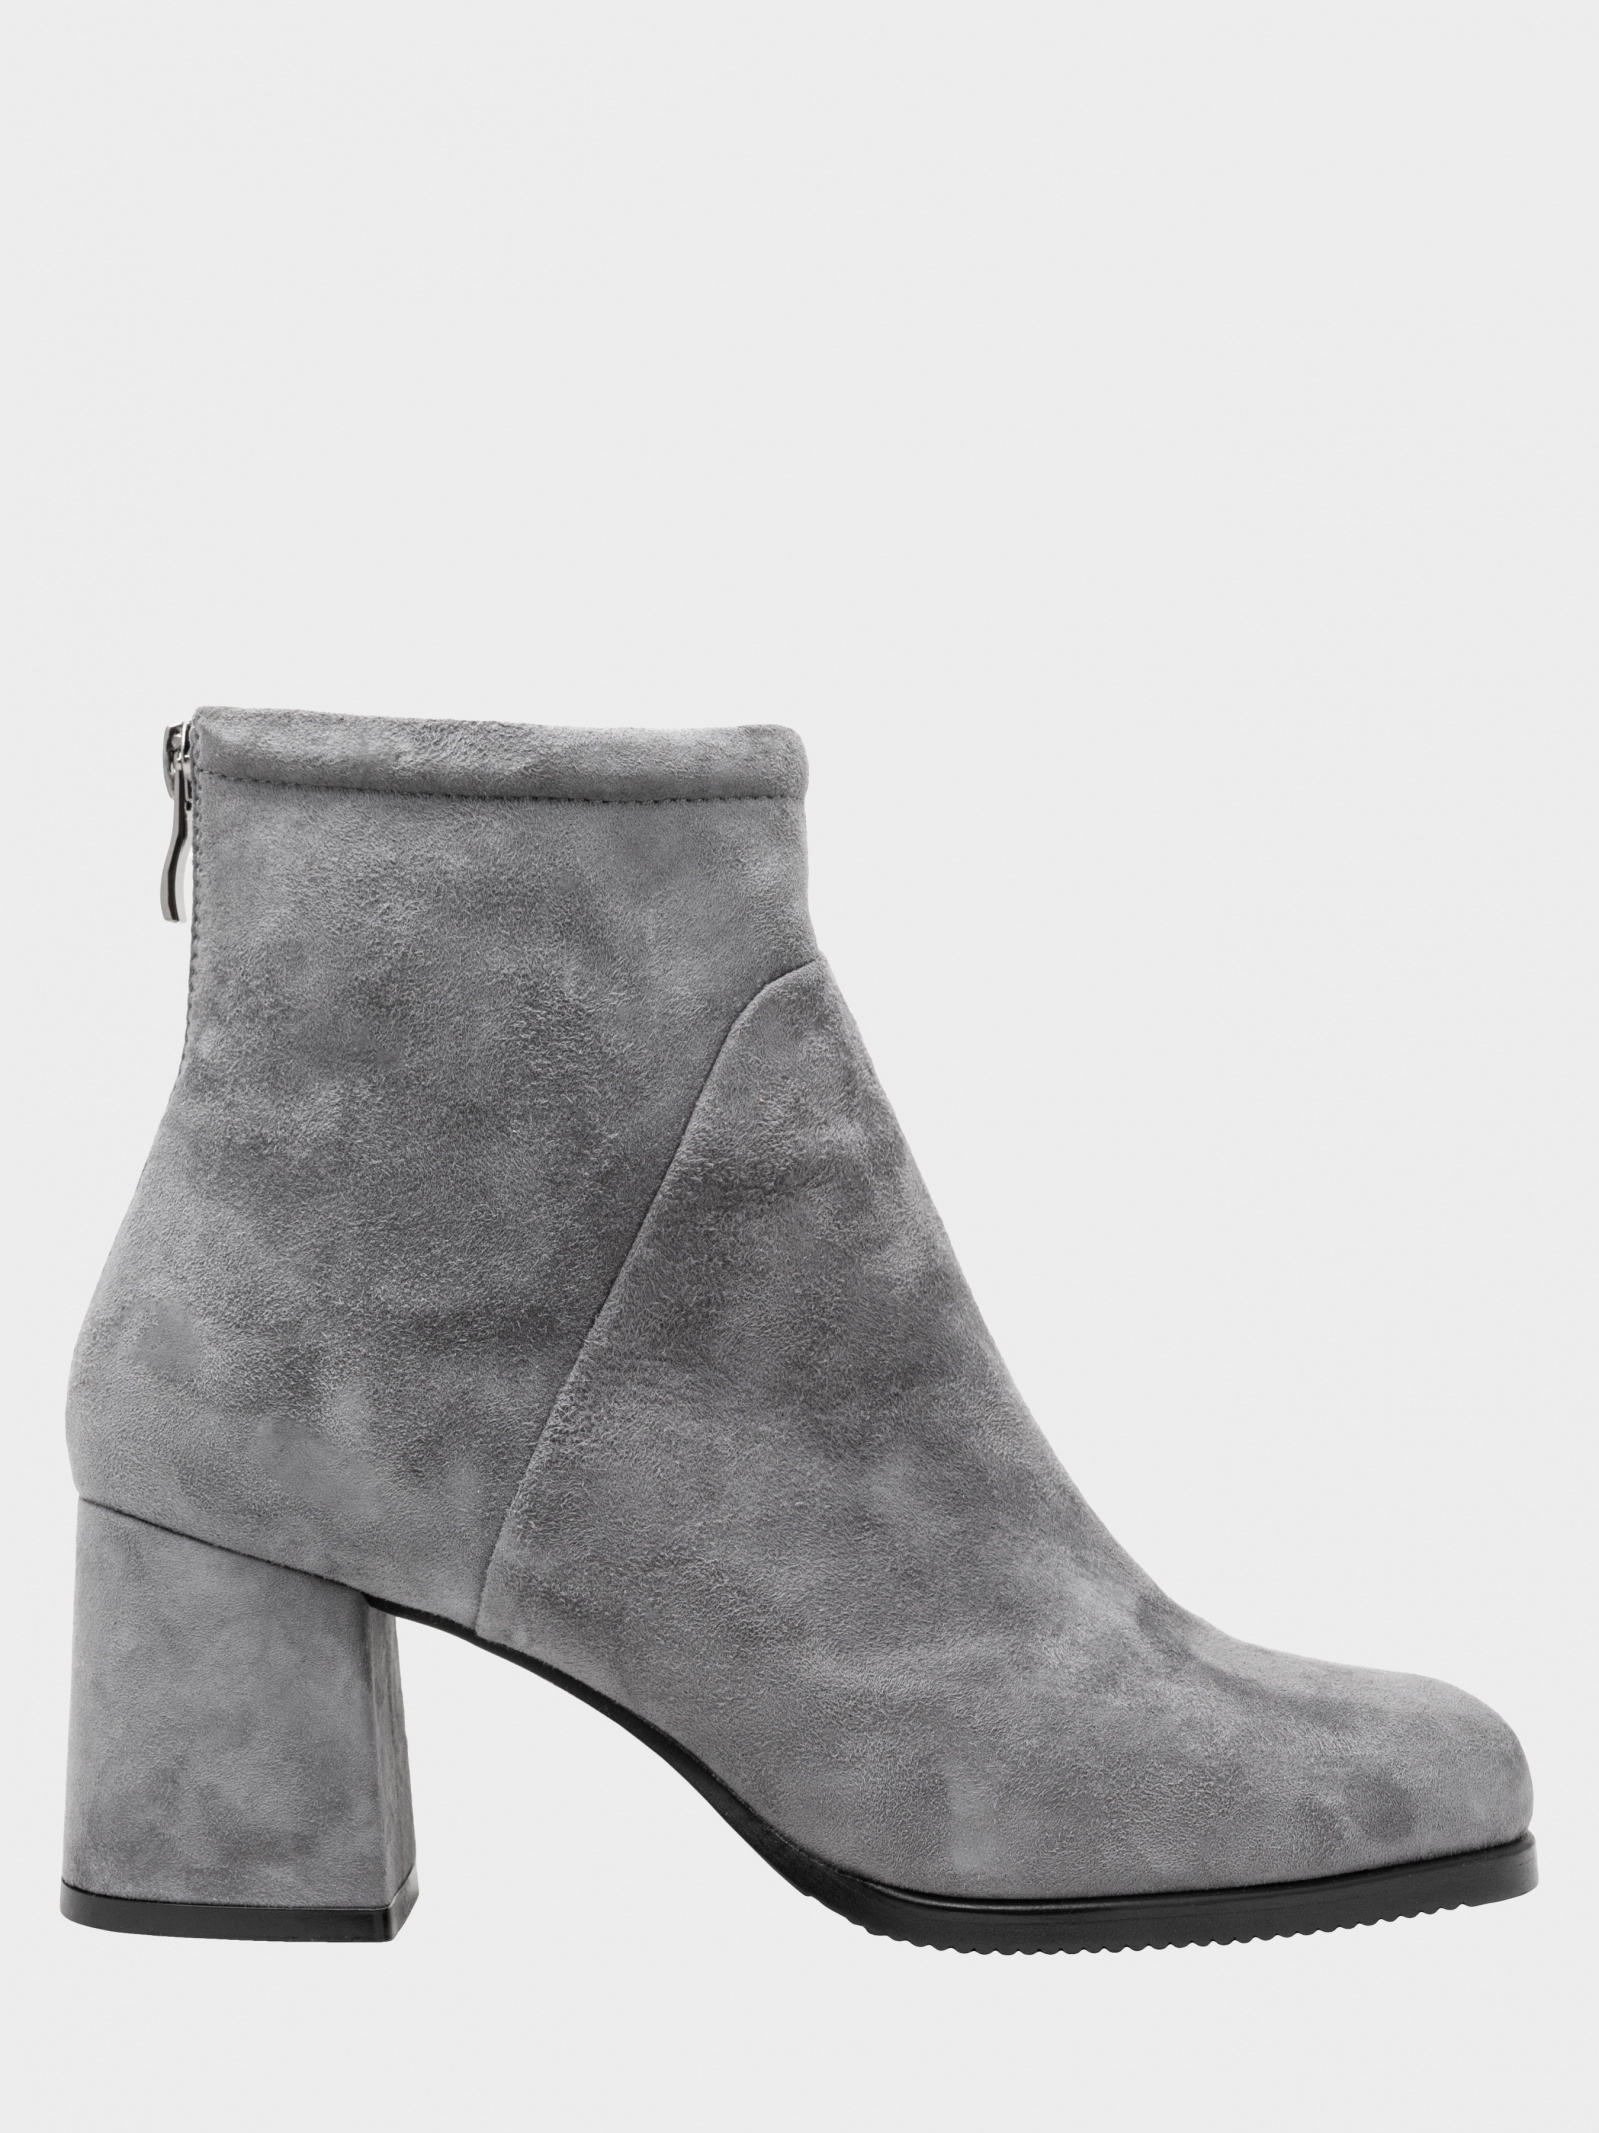 Ботинки для женщин Ботинки женские ENZO VERRATTI 18-1270-11gr брендовая обувь, 2017